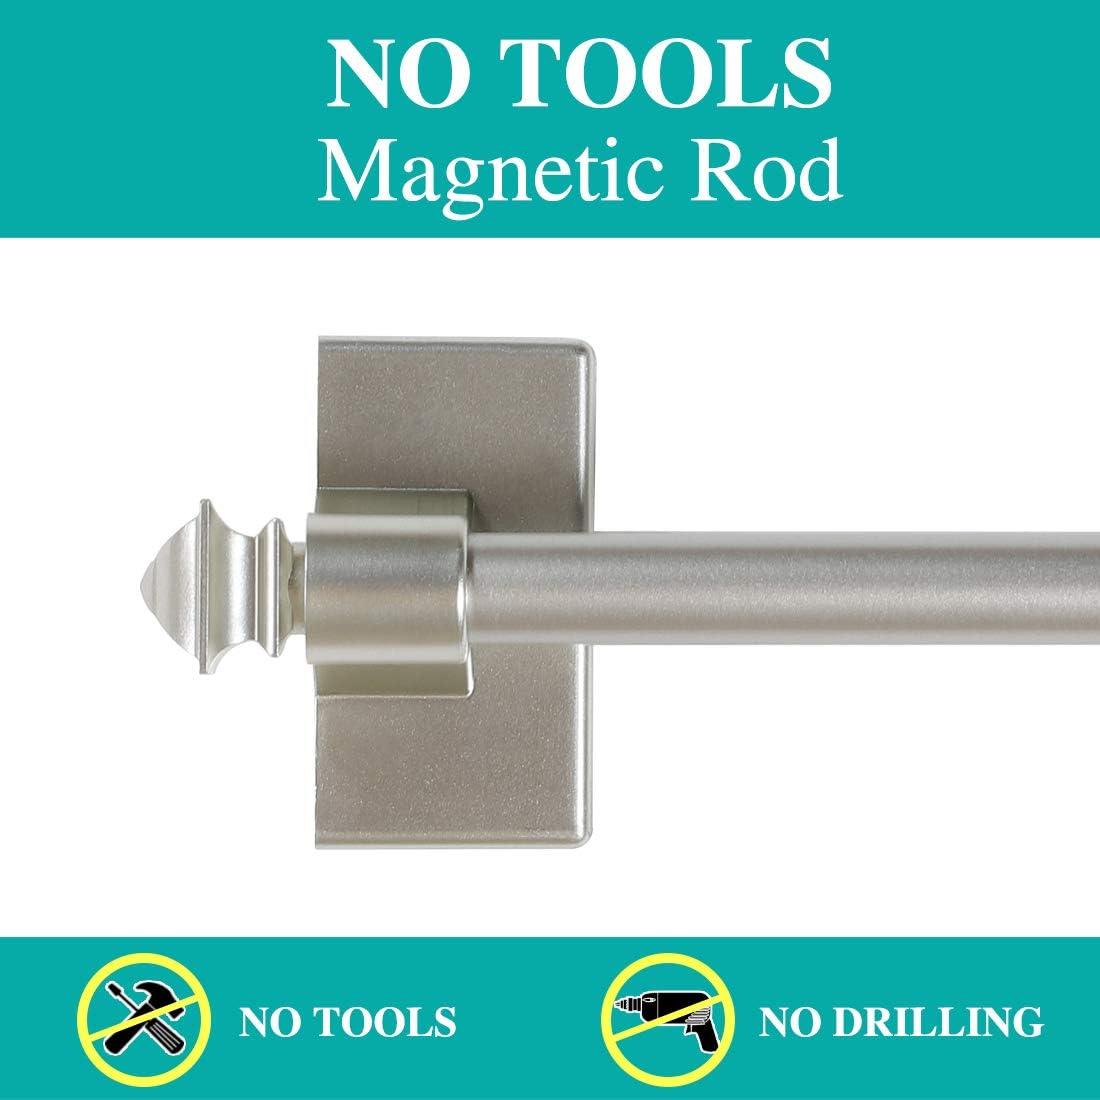 2-Pack Magnetic Curtain Rod Multi-Use Adjustable Cafe Sidelight Magnetic Rods 09-16 Magnetic Curtain Rod Nickel